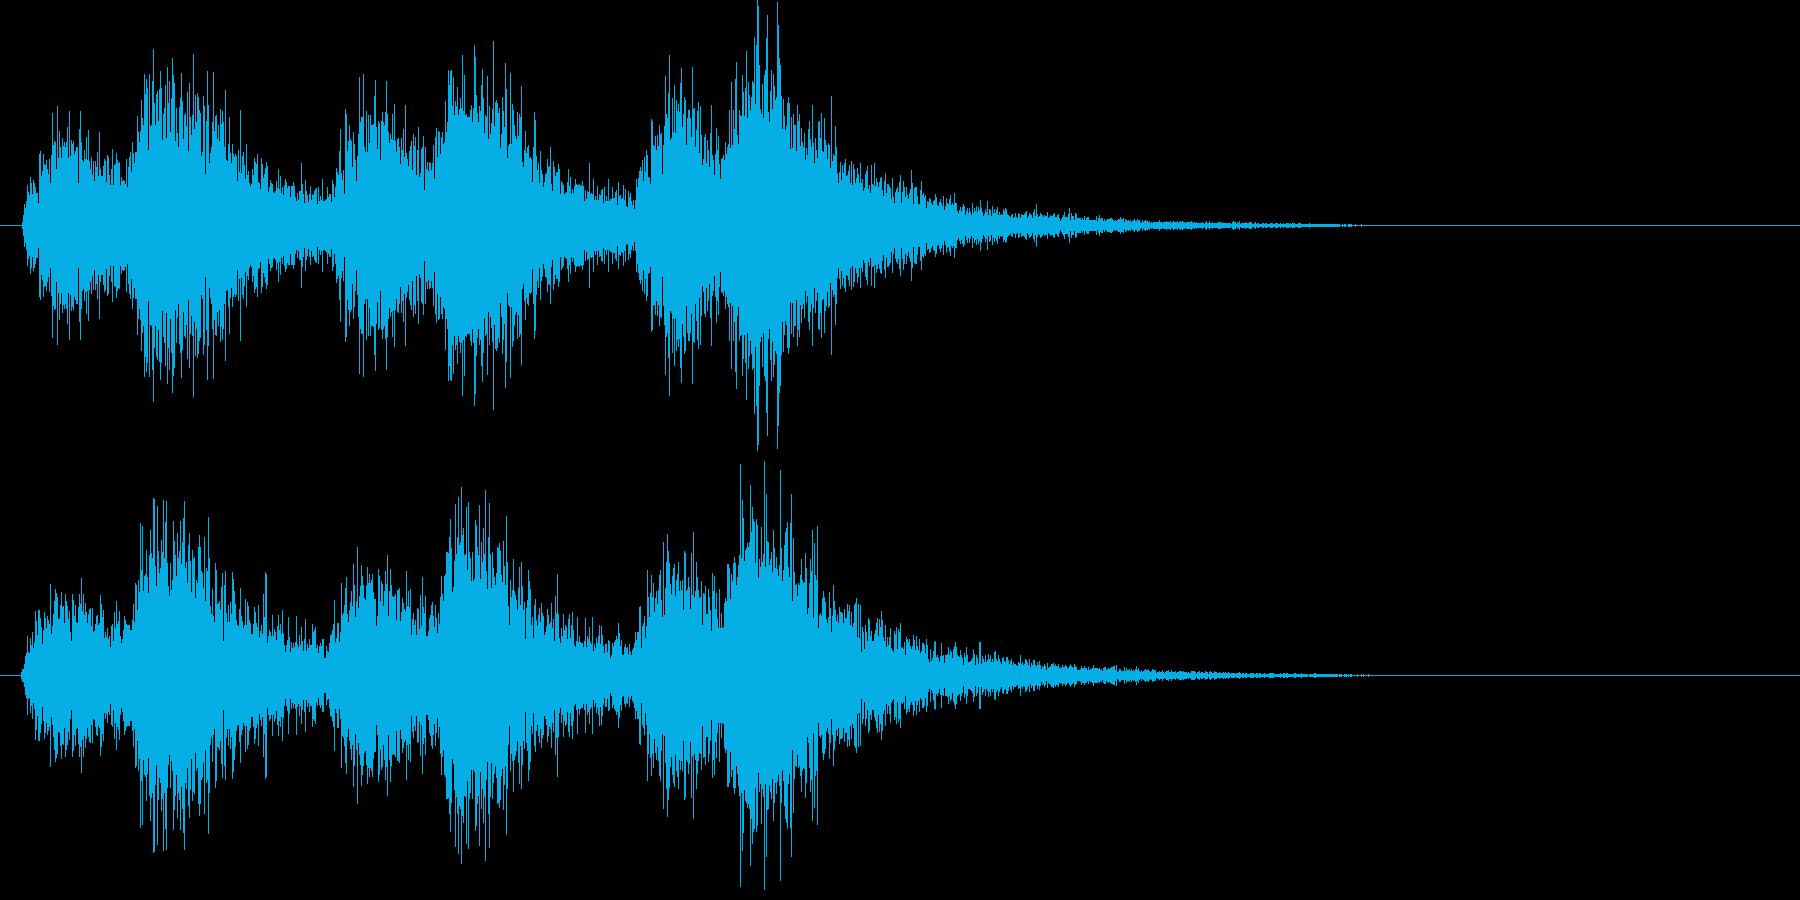 オーケストラでジャジャン ジャジャン3の再生済みの波形